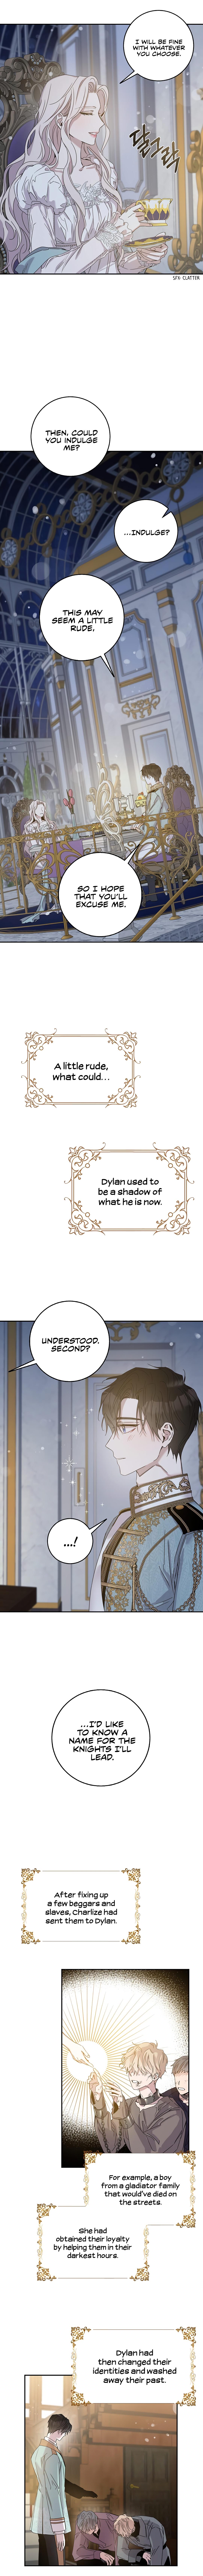 I Tamed A Tyrant And Ran Away Chapter 26 page 4 - Mangakakalots.com